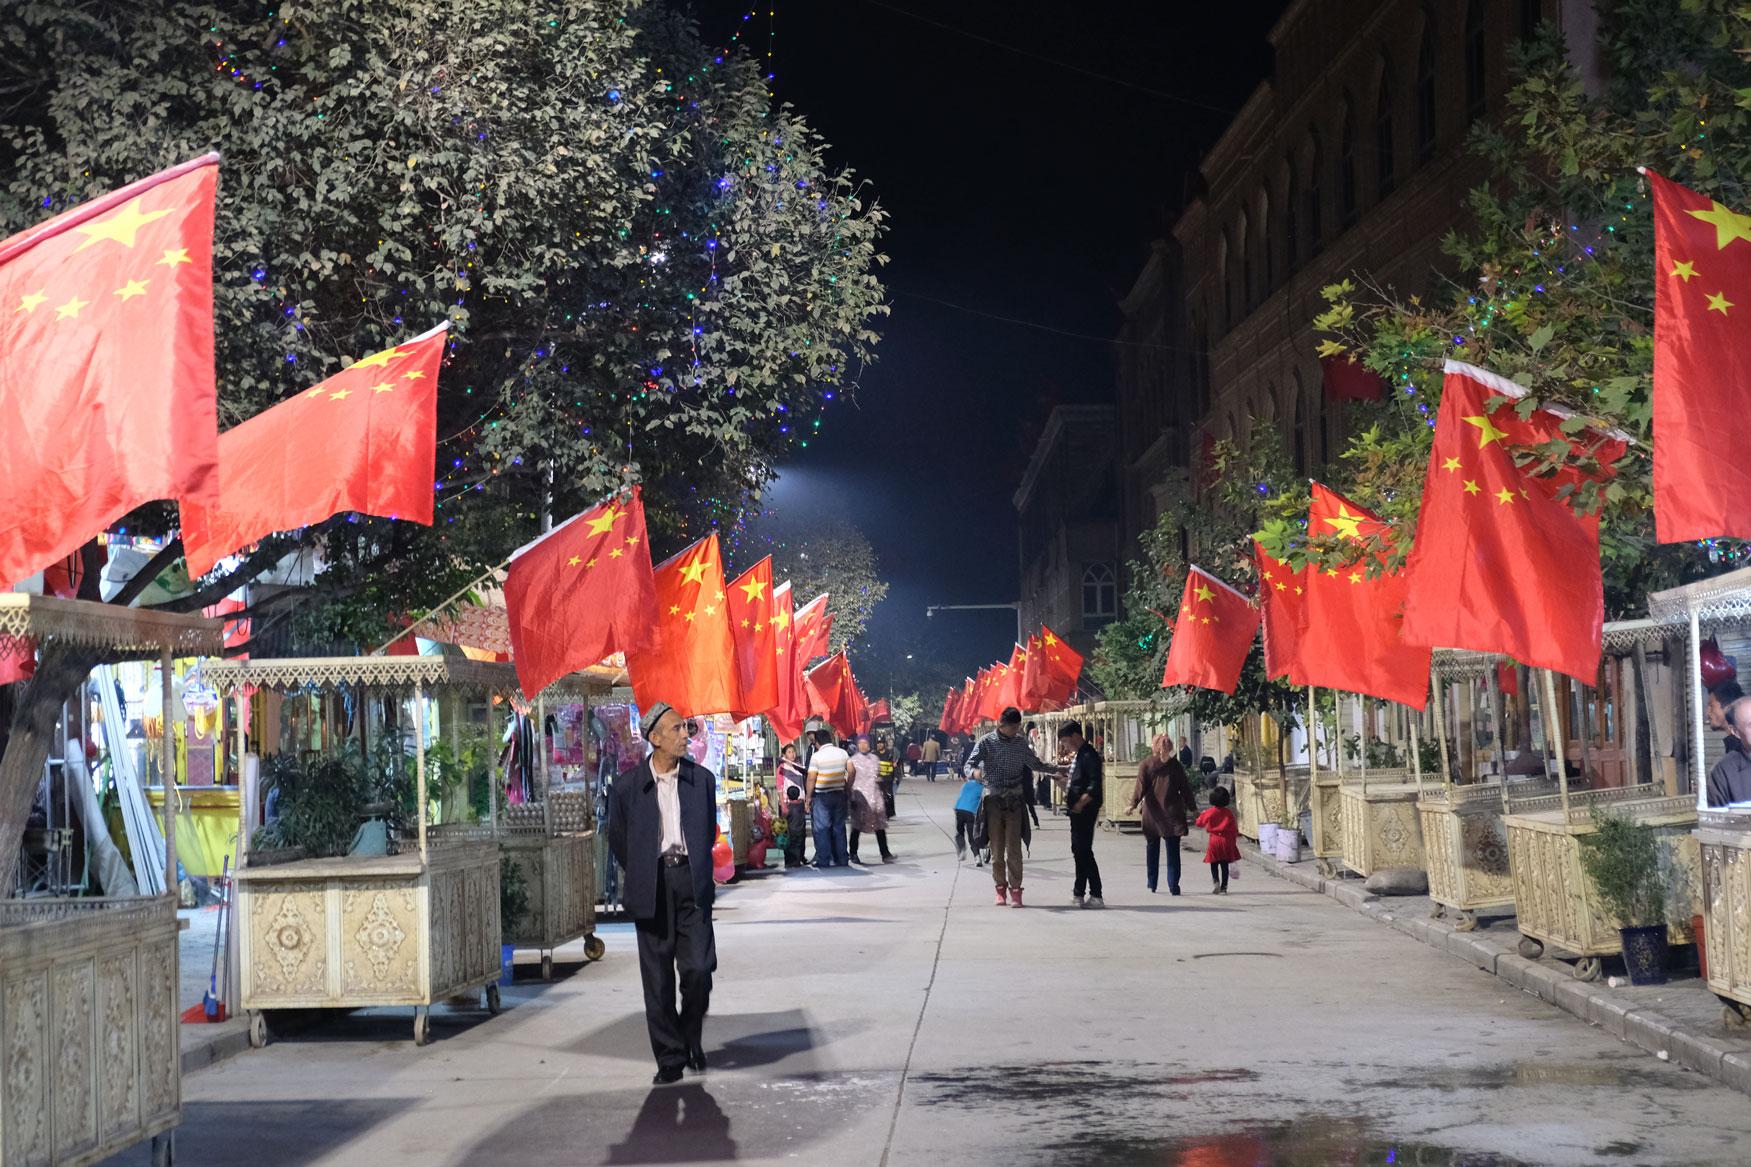 Kashgar bereitet sich auf den chinesischen Nationalfeiertag am 1. Oktober vor